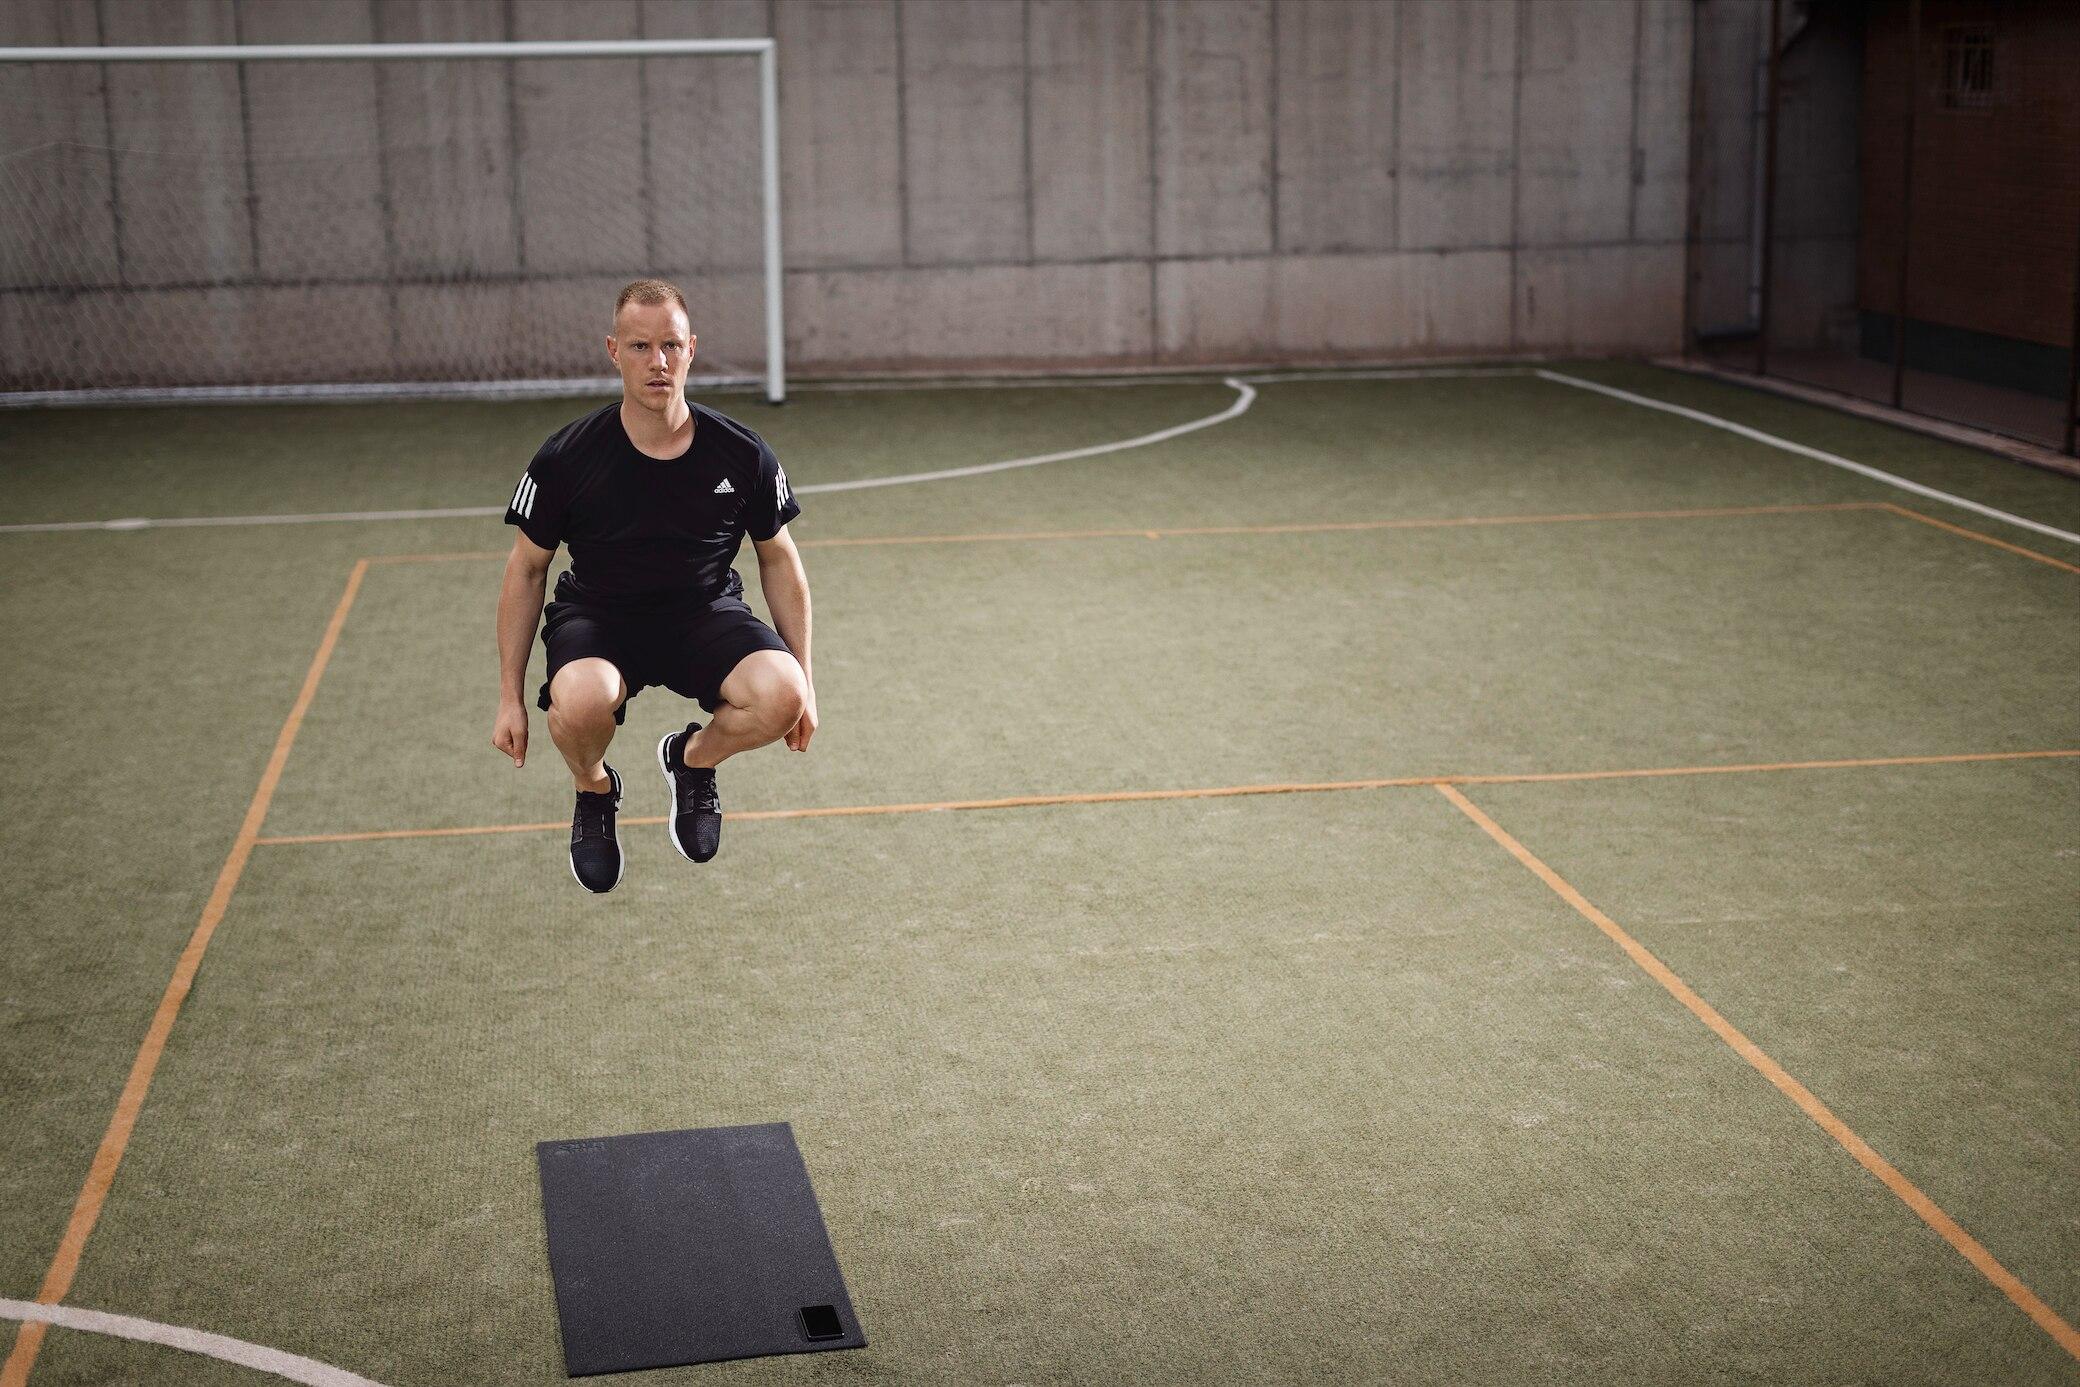 Marc-André ter Stegen Jumps